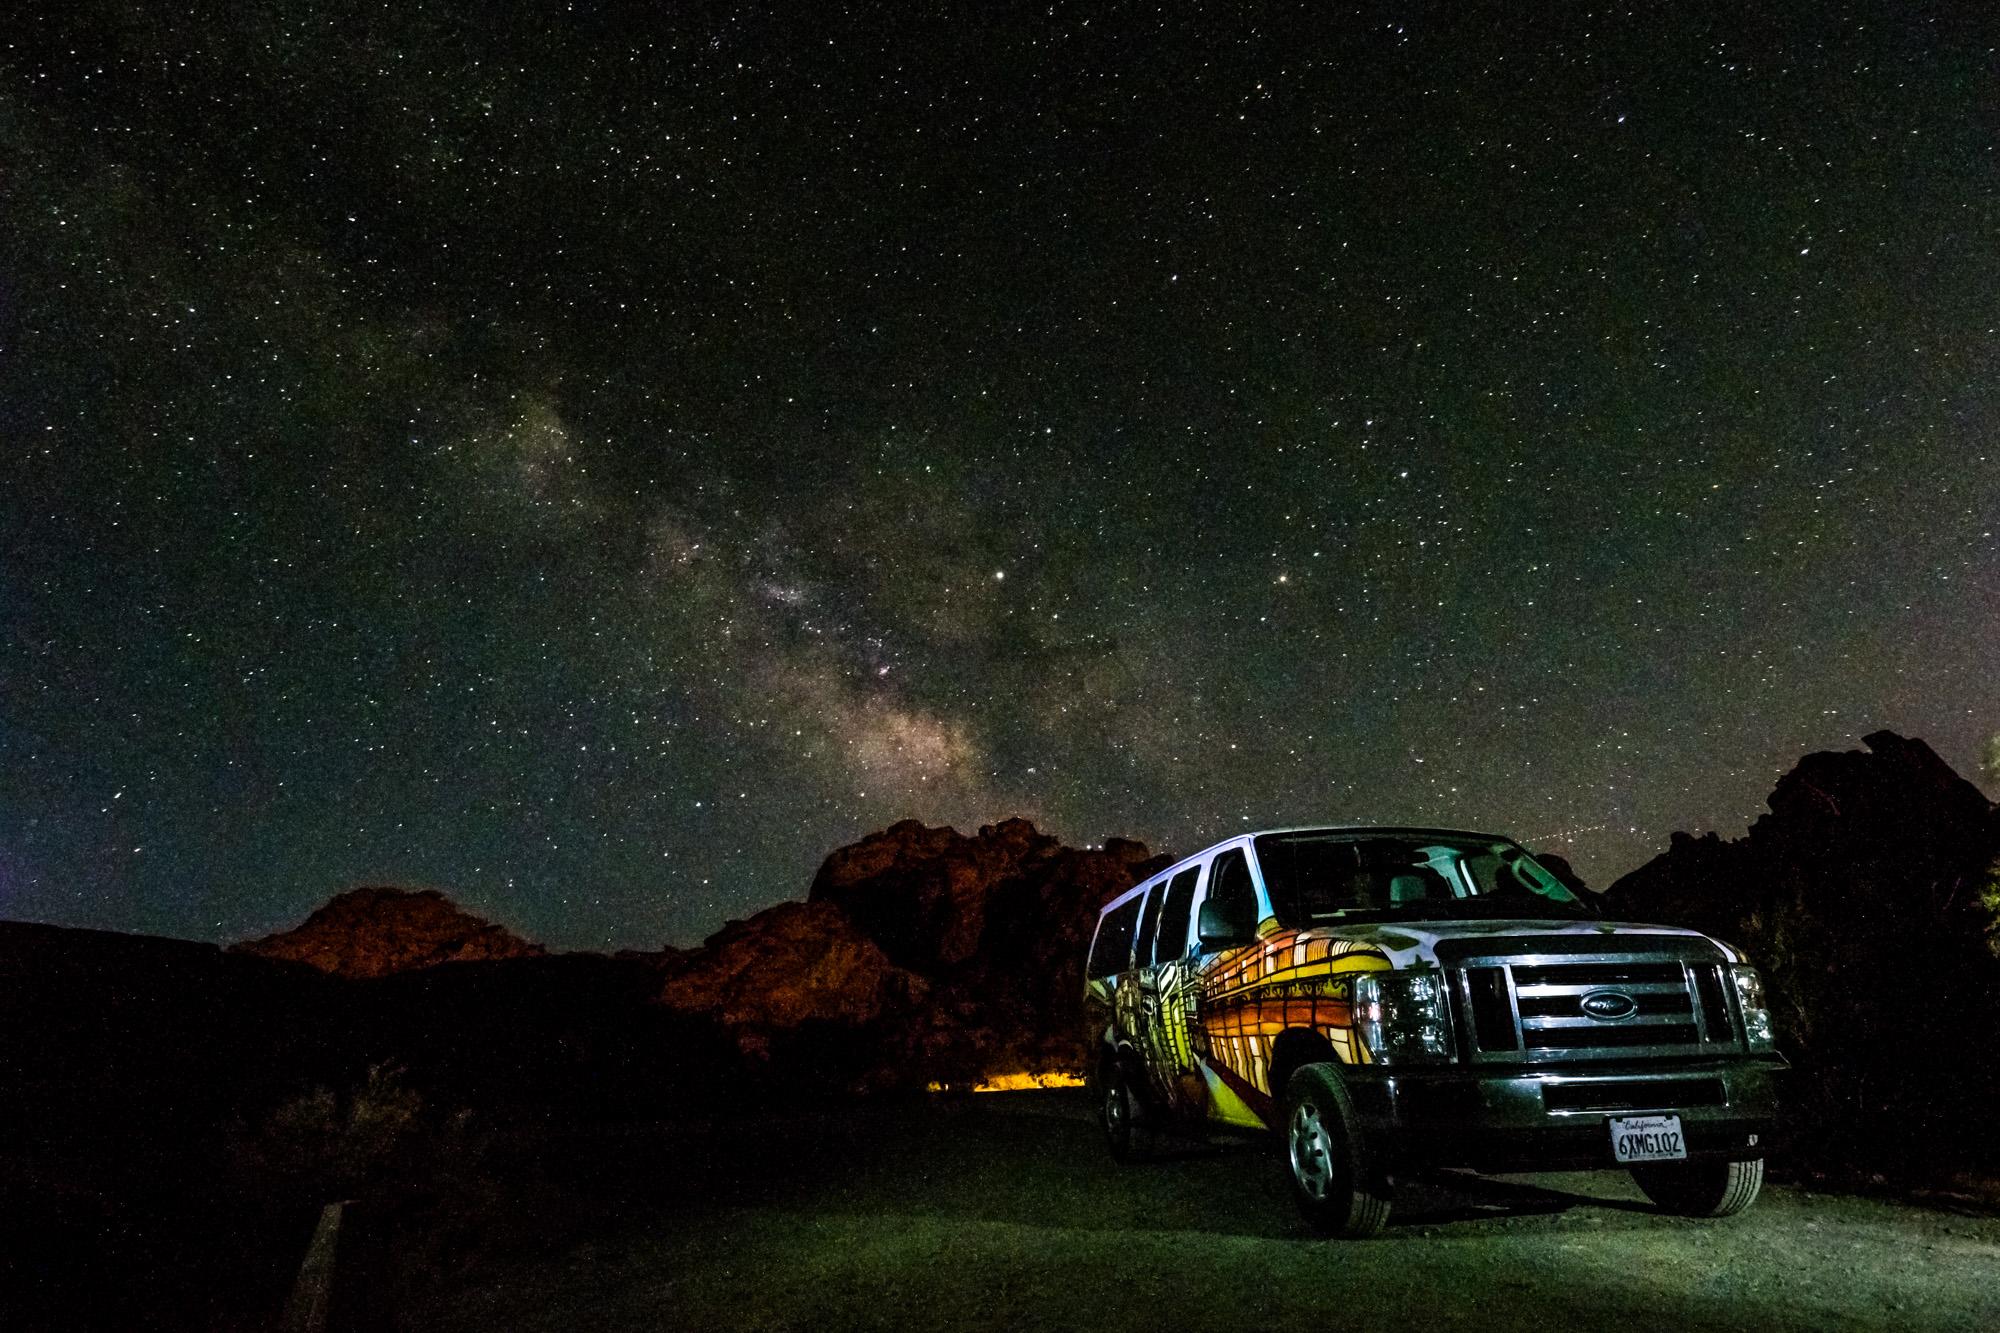 Valley of Fire State Park - Unser Millionen-Sterne-Hotel